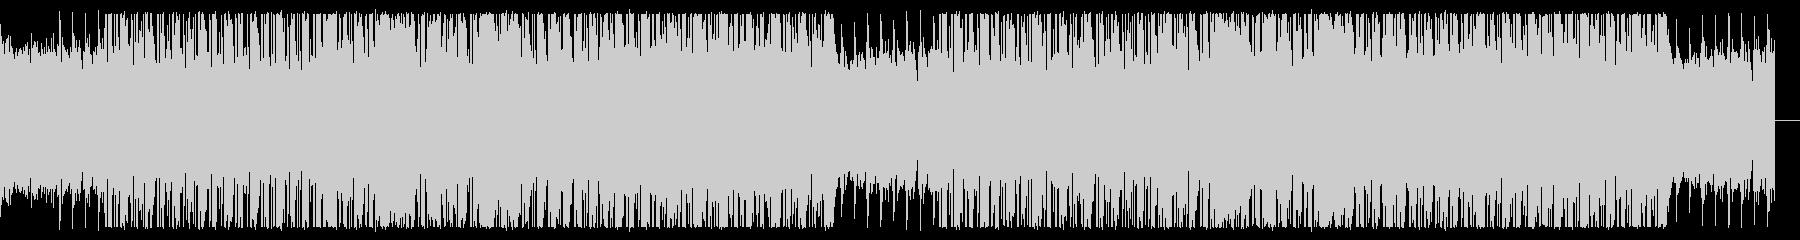 ノリの良いチル・ヒップホップの未再生の波形